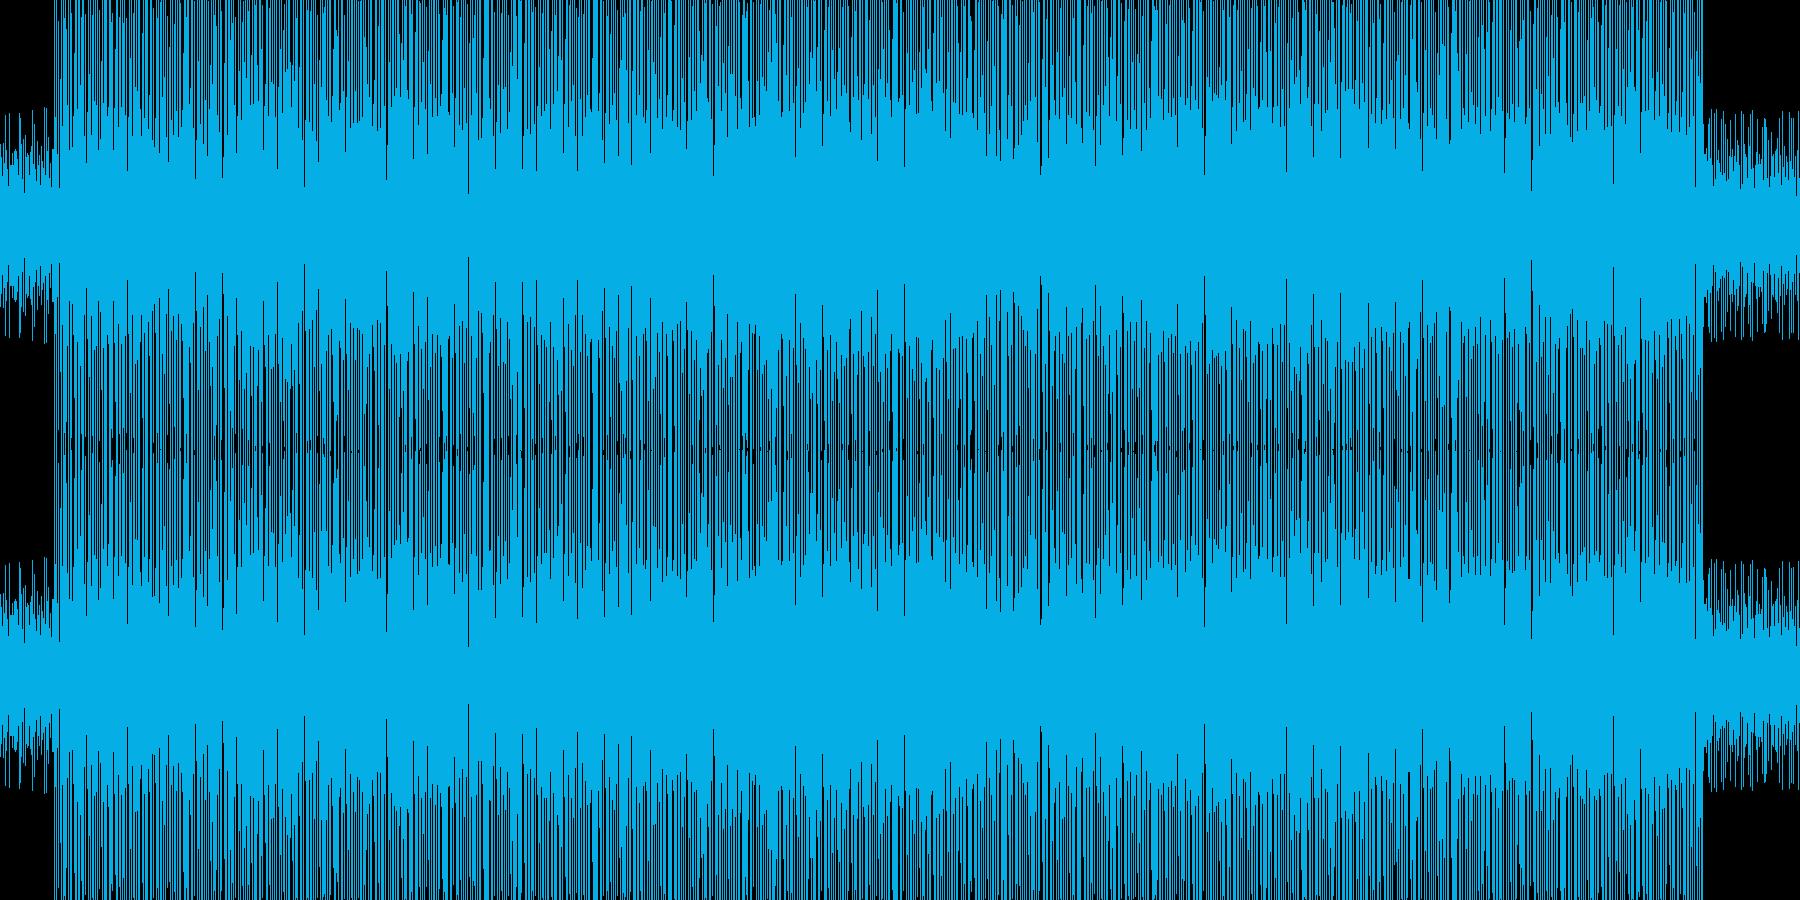 ドラム アコースティックベース、ローズ…の再生済みの波形